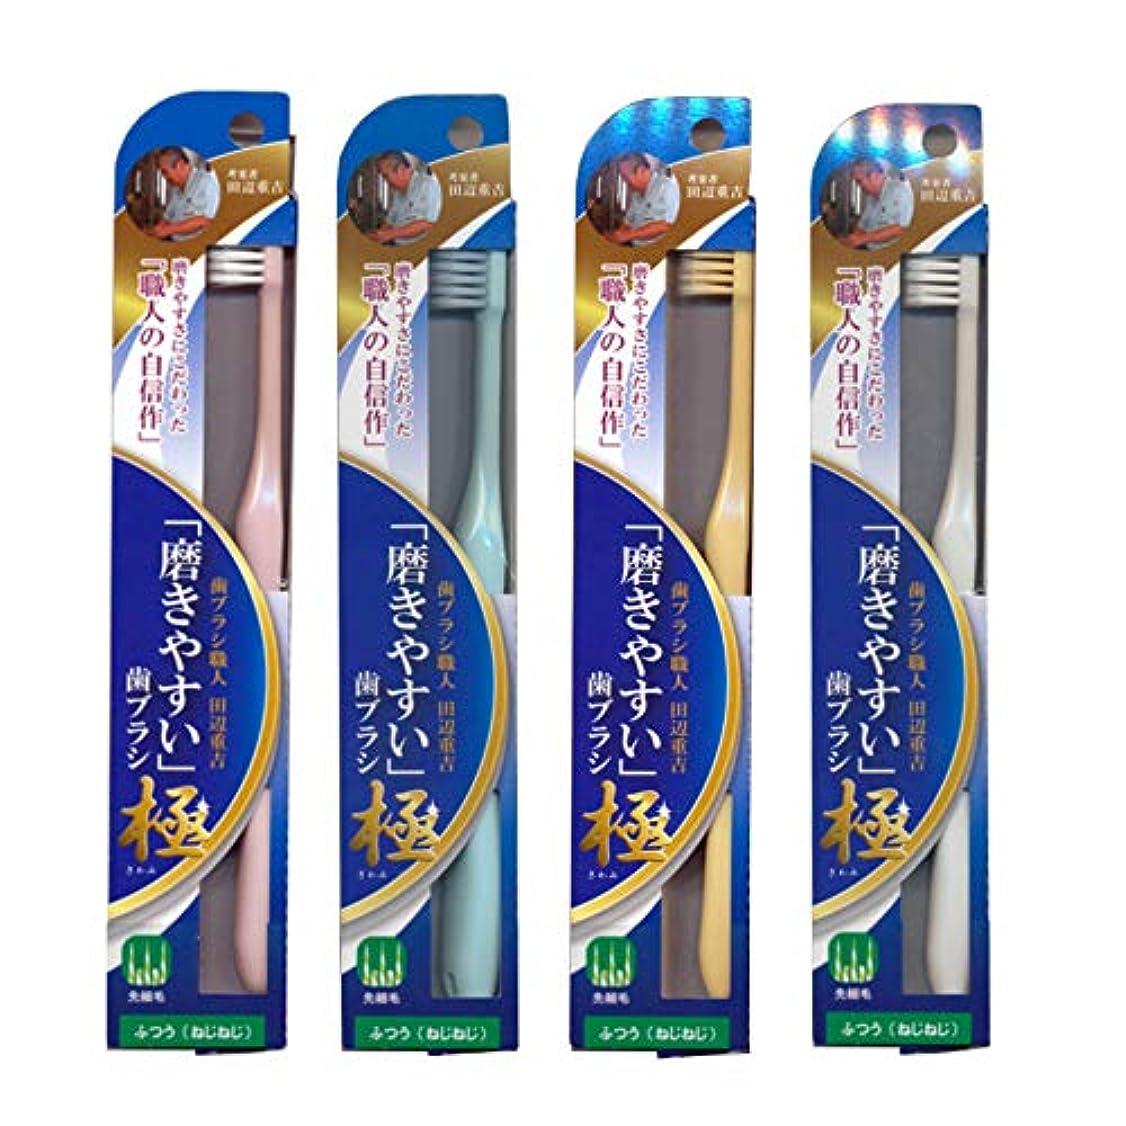 言い換えるとサイレント統計的磨きやすい歯ブラシ極 (ふつう ねじねじ) LT-45×4本セット(ピンク×1、ブルー×1、ホワイト×1、イエロー×1) 先細毛